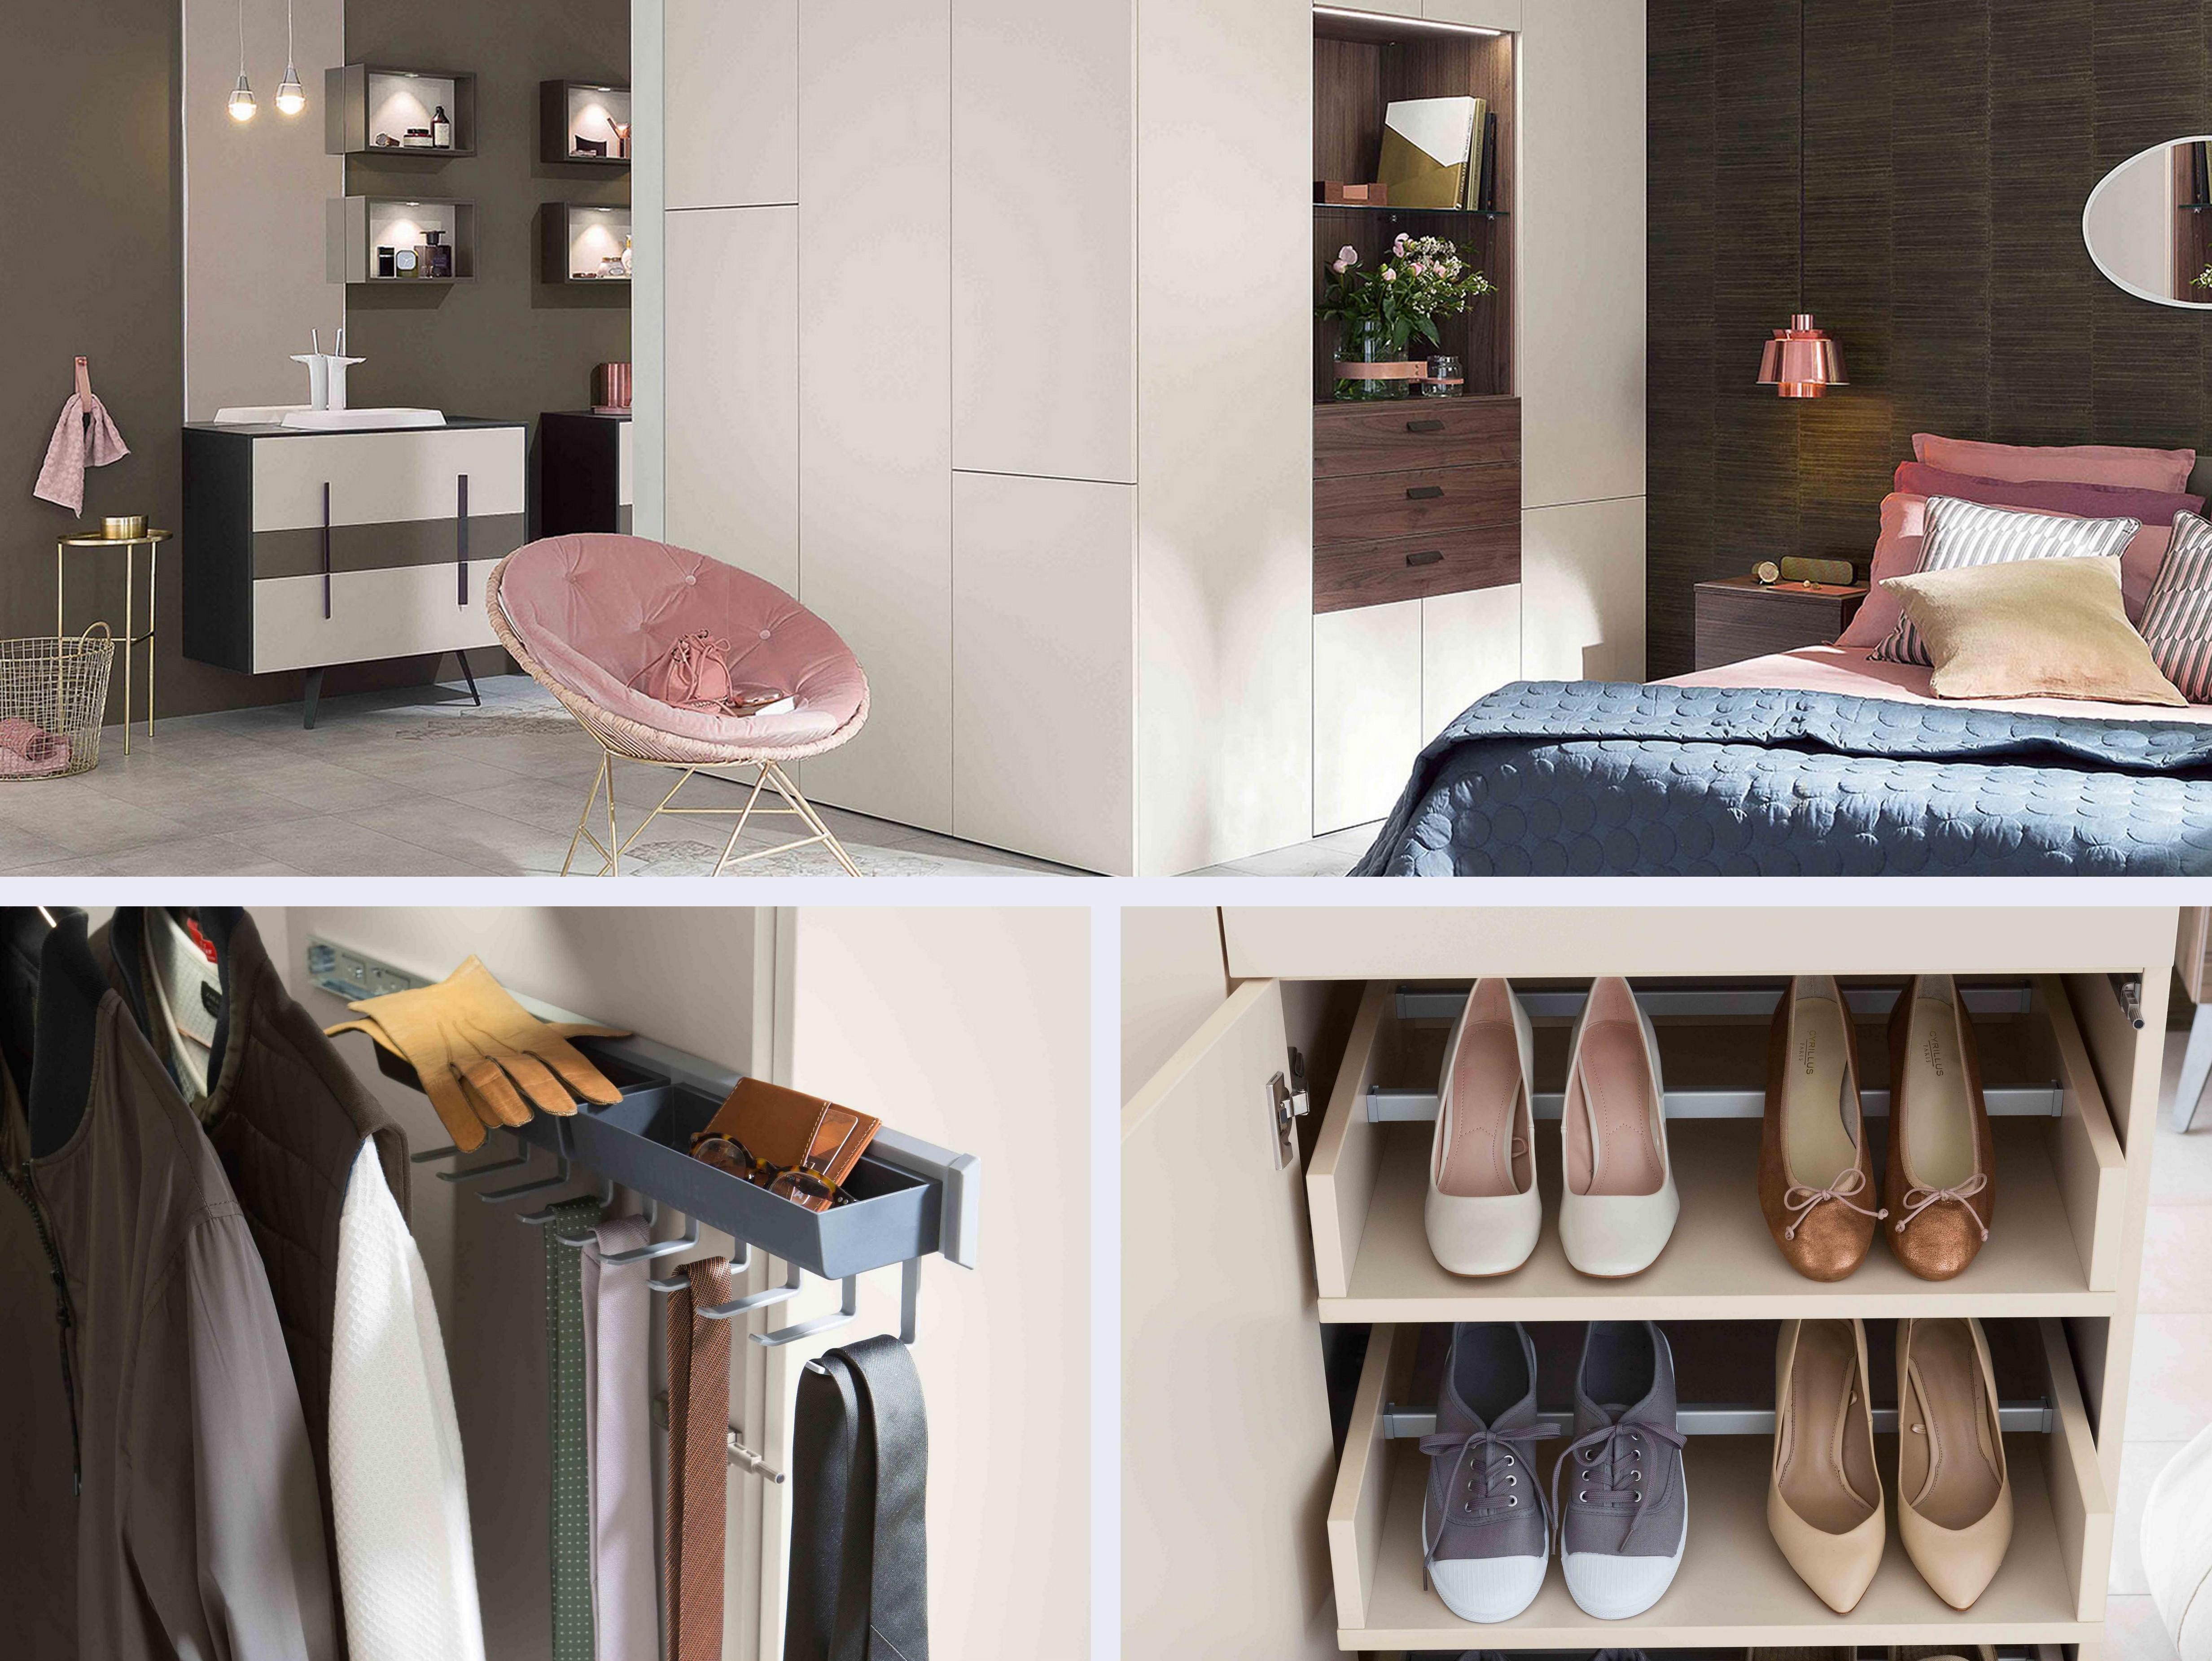 crer un dressing dans une chambre et si le mieuxvivre ctait de runir une chambre un dressing et. Black Bedroom Furniture Sets. Home Design Ideas